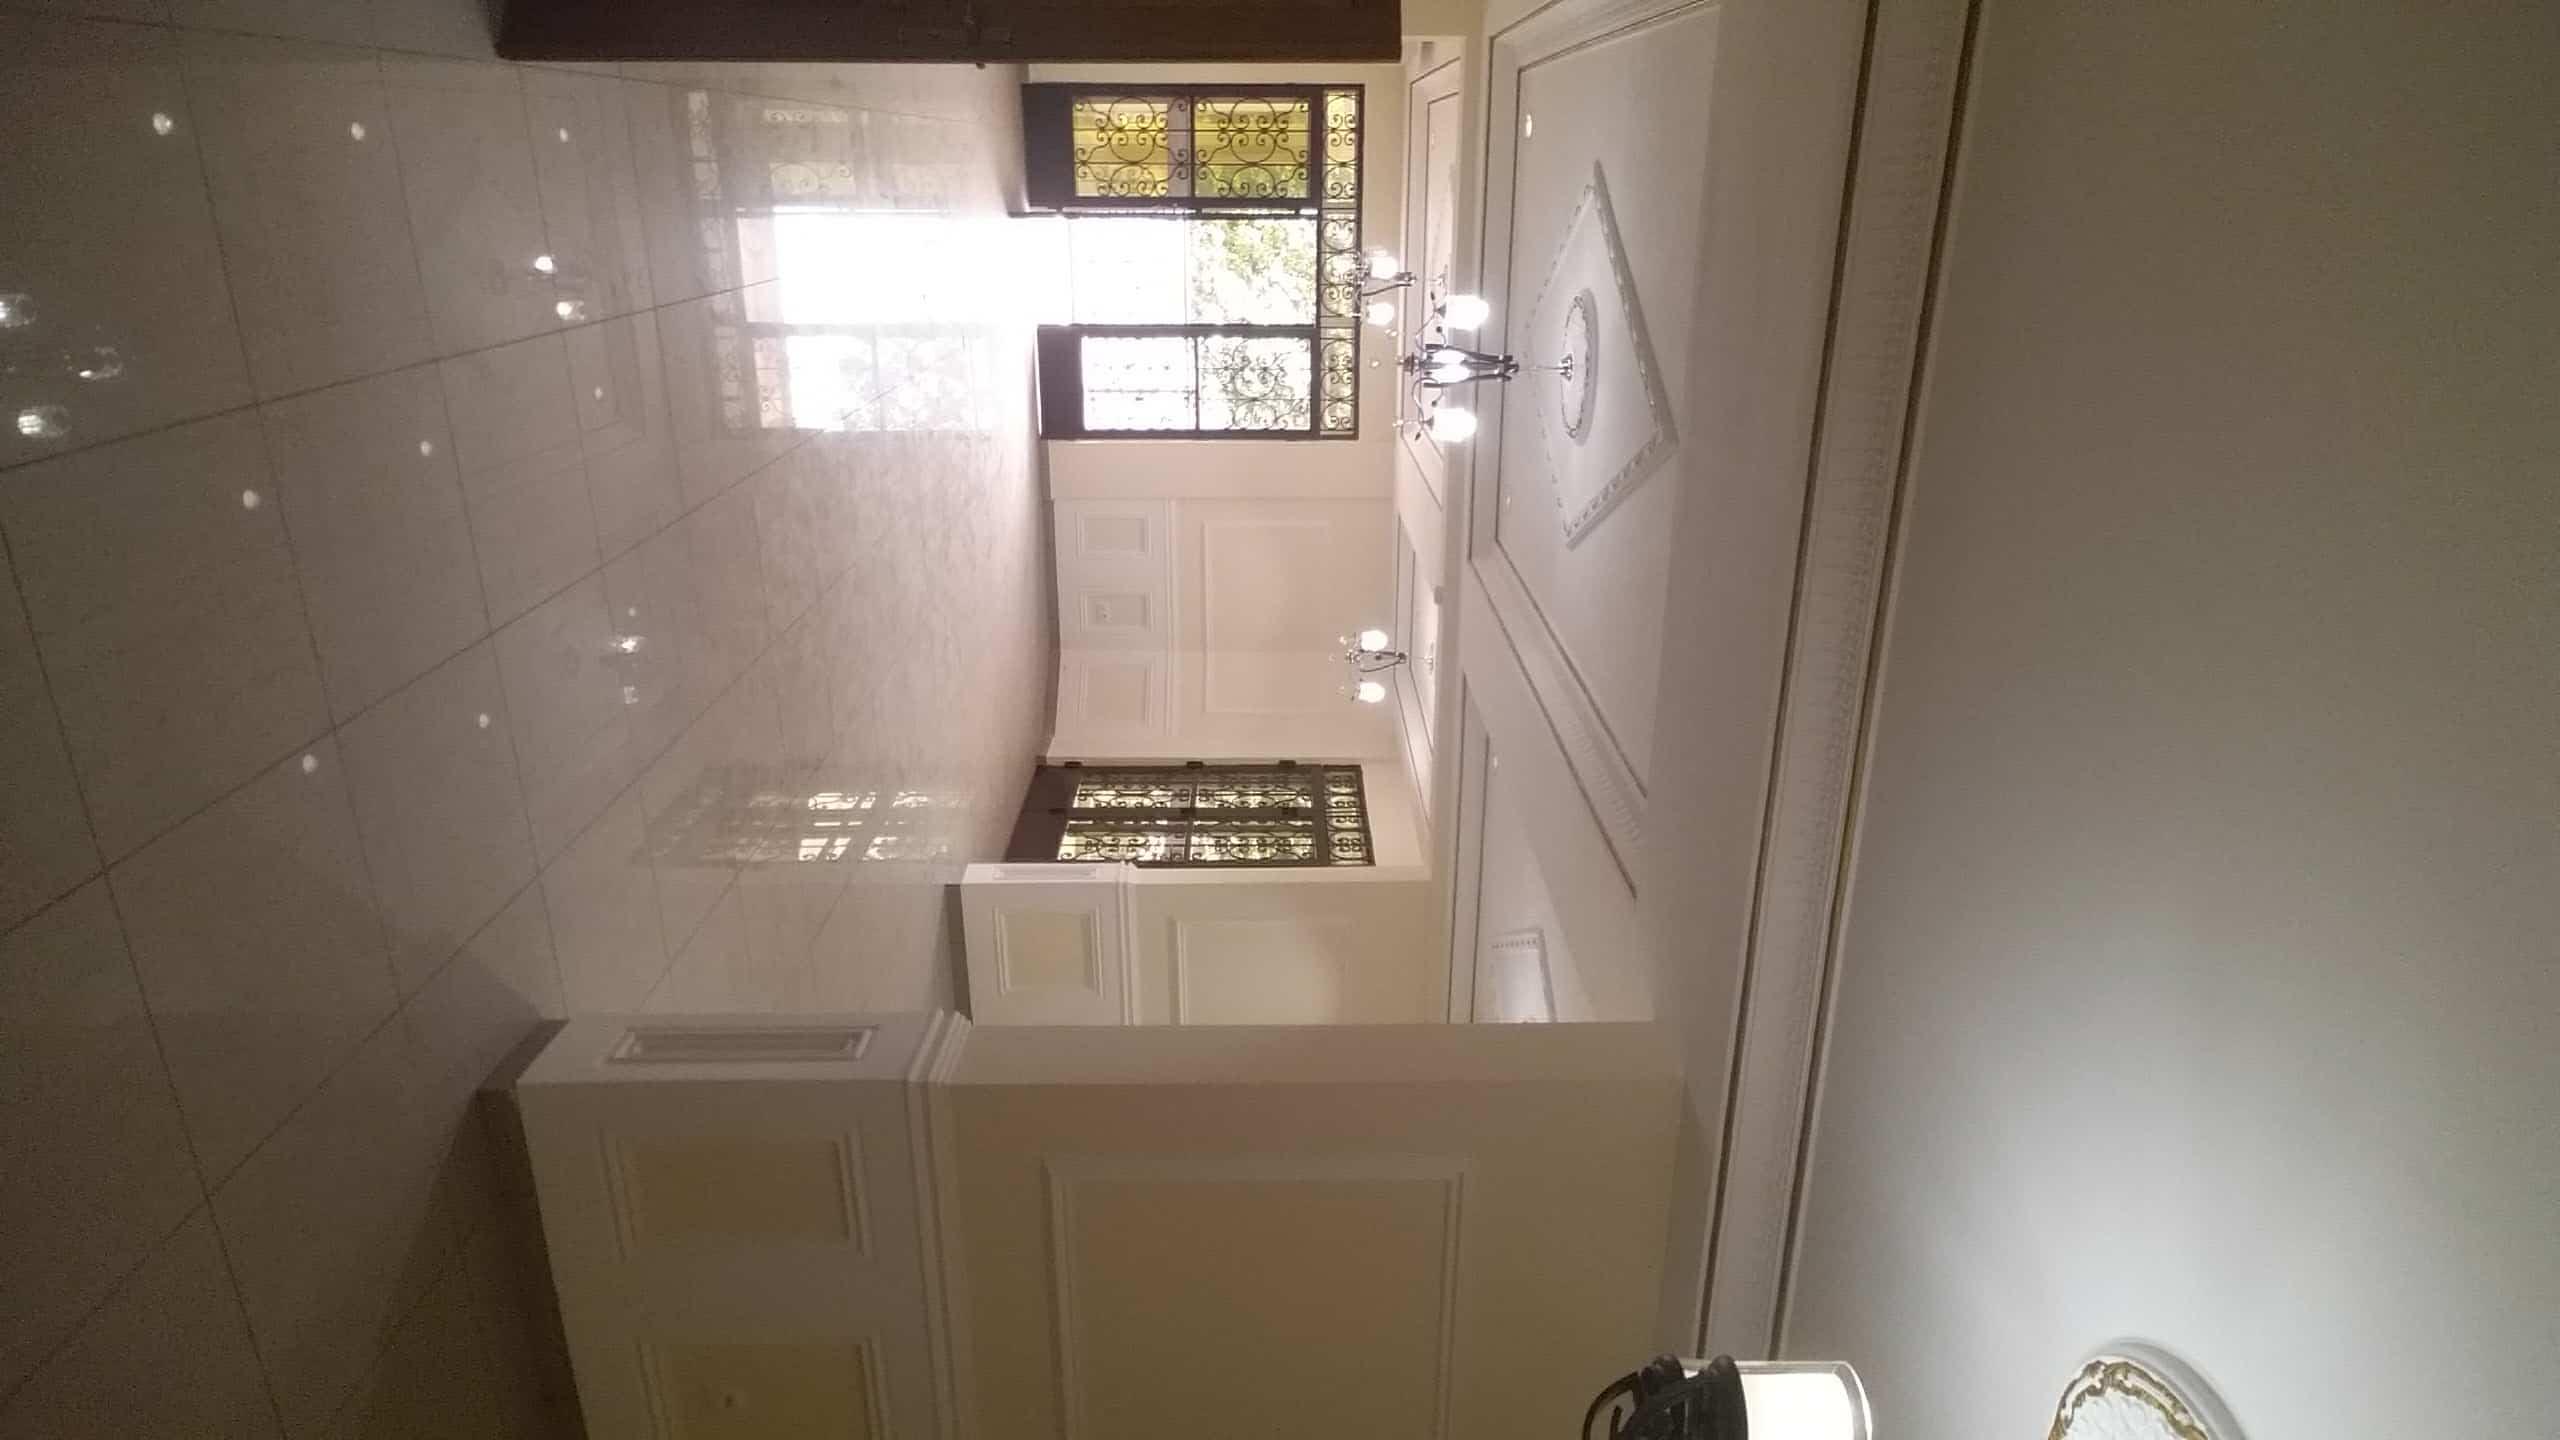 Appartement à louer - Yaoundé, Bastos, Ambassade de Chine - 2 salon(s), 3 chambre(s), 4 salle(s) de bains - 1 300 000 FCFA / mois